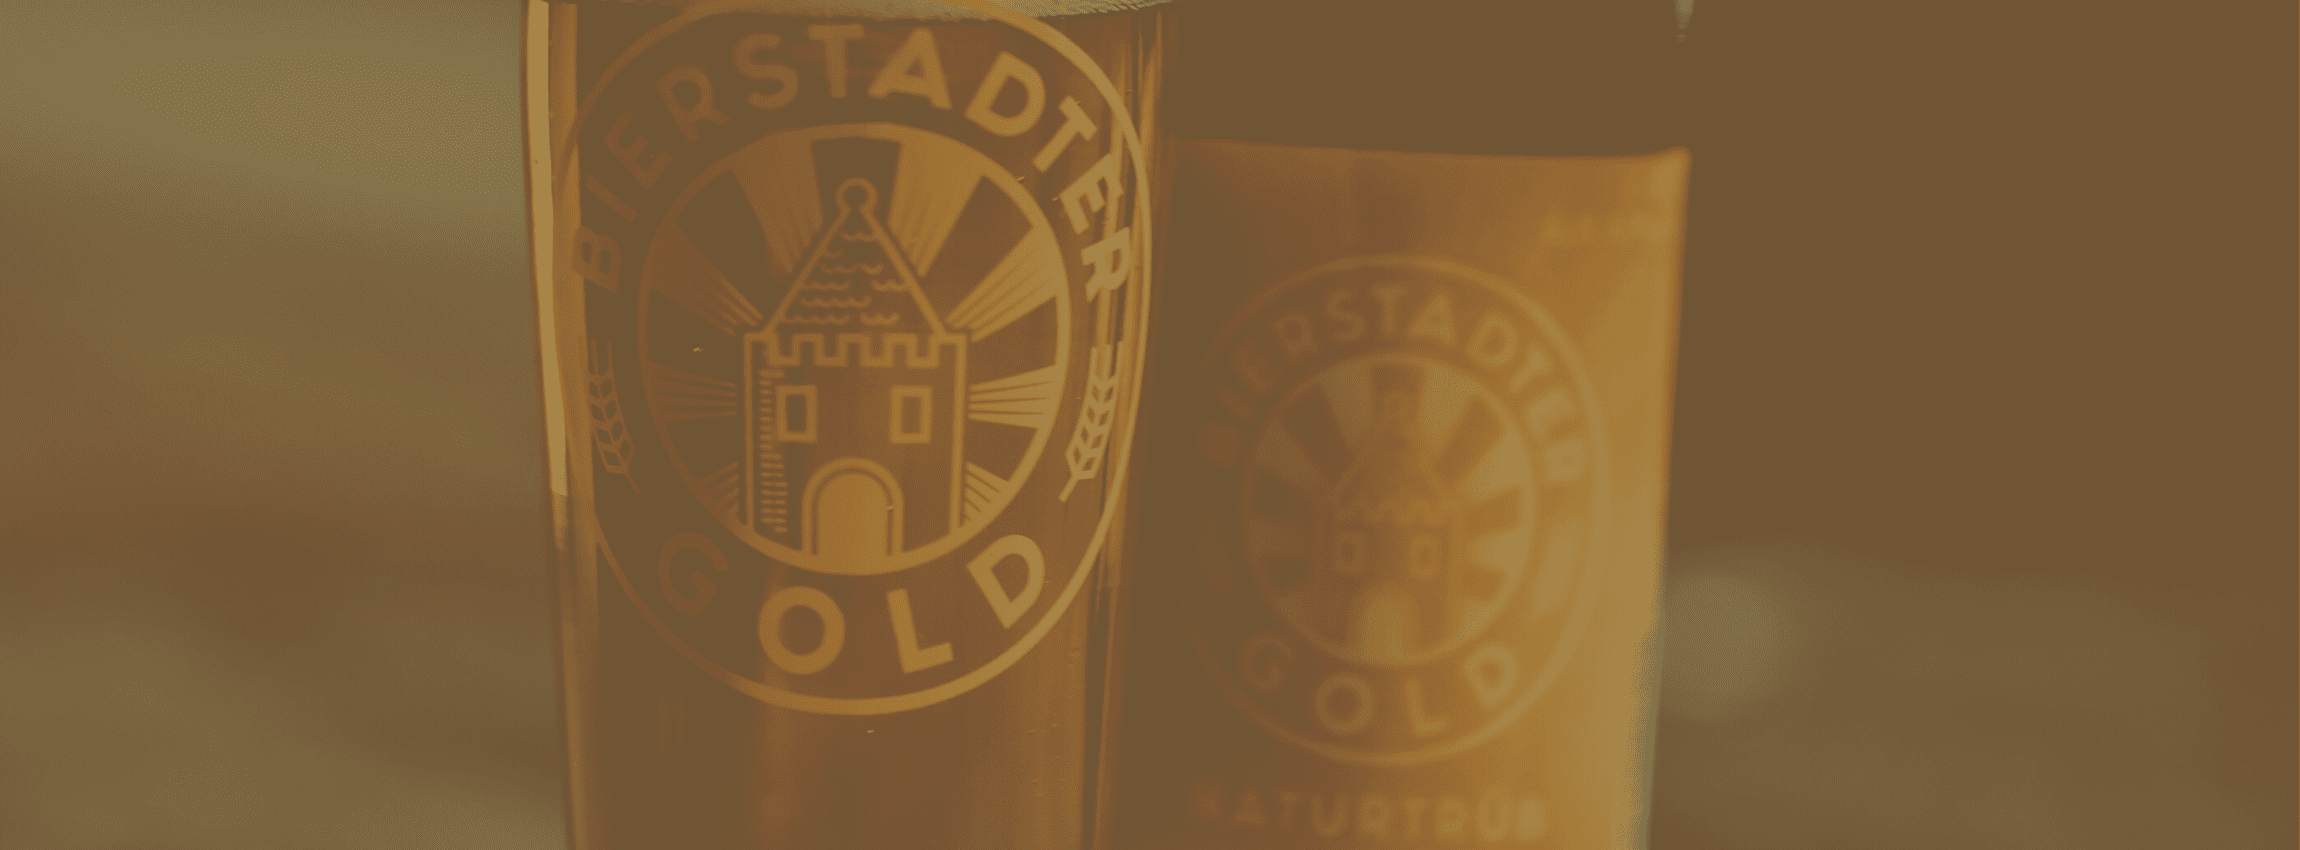 Startseite Webseite Bierstadter Gold Bier Hessen